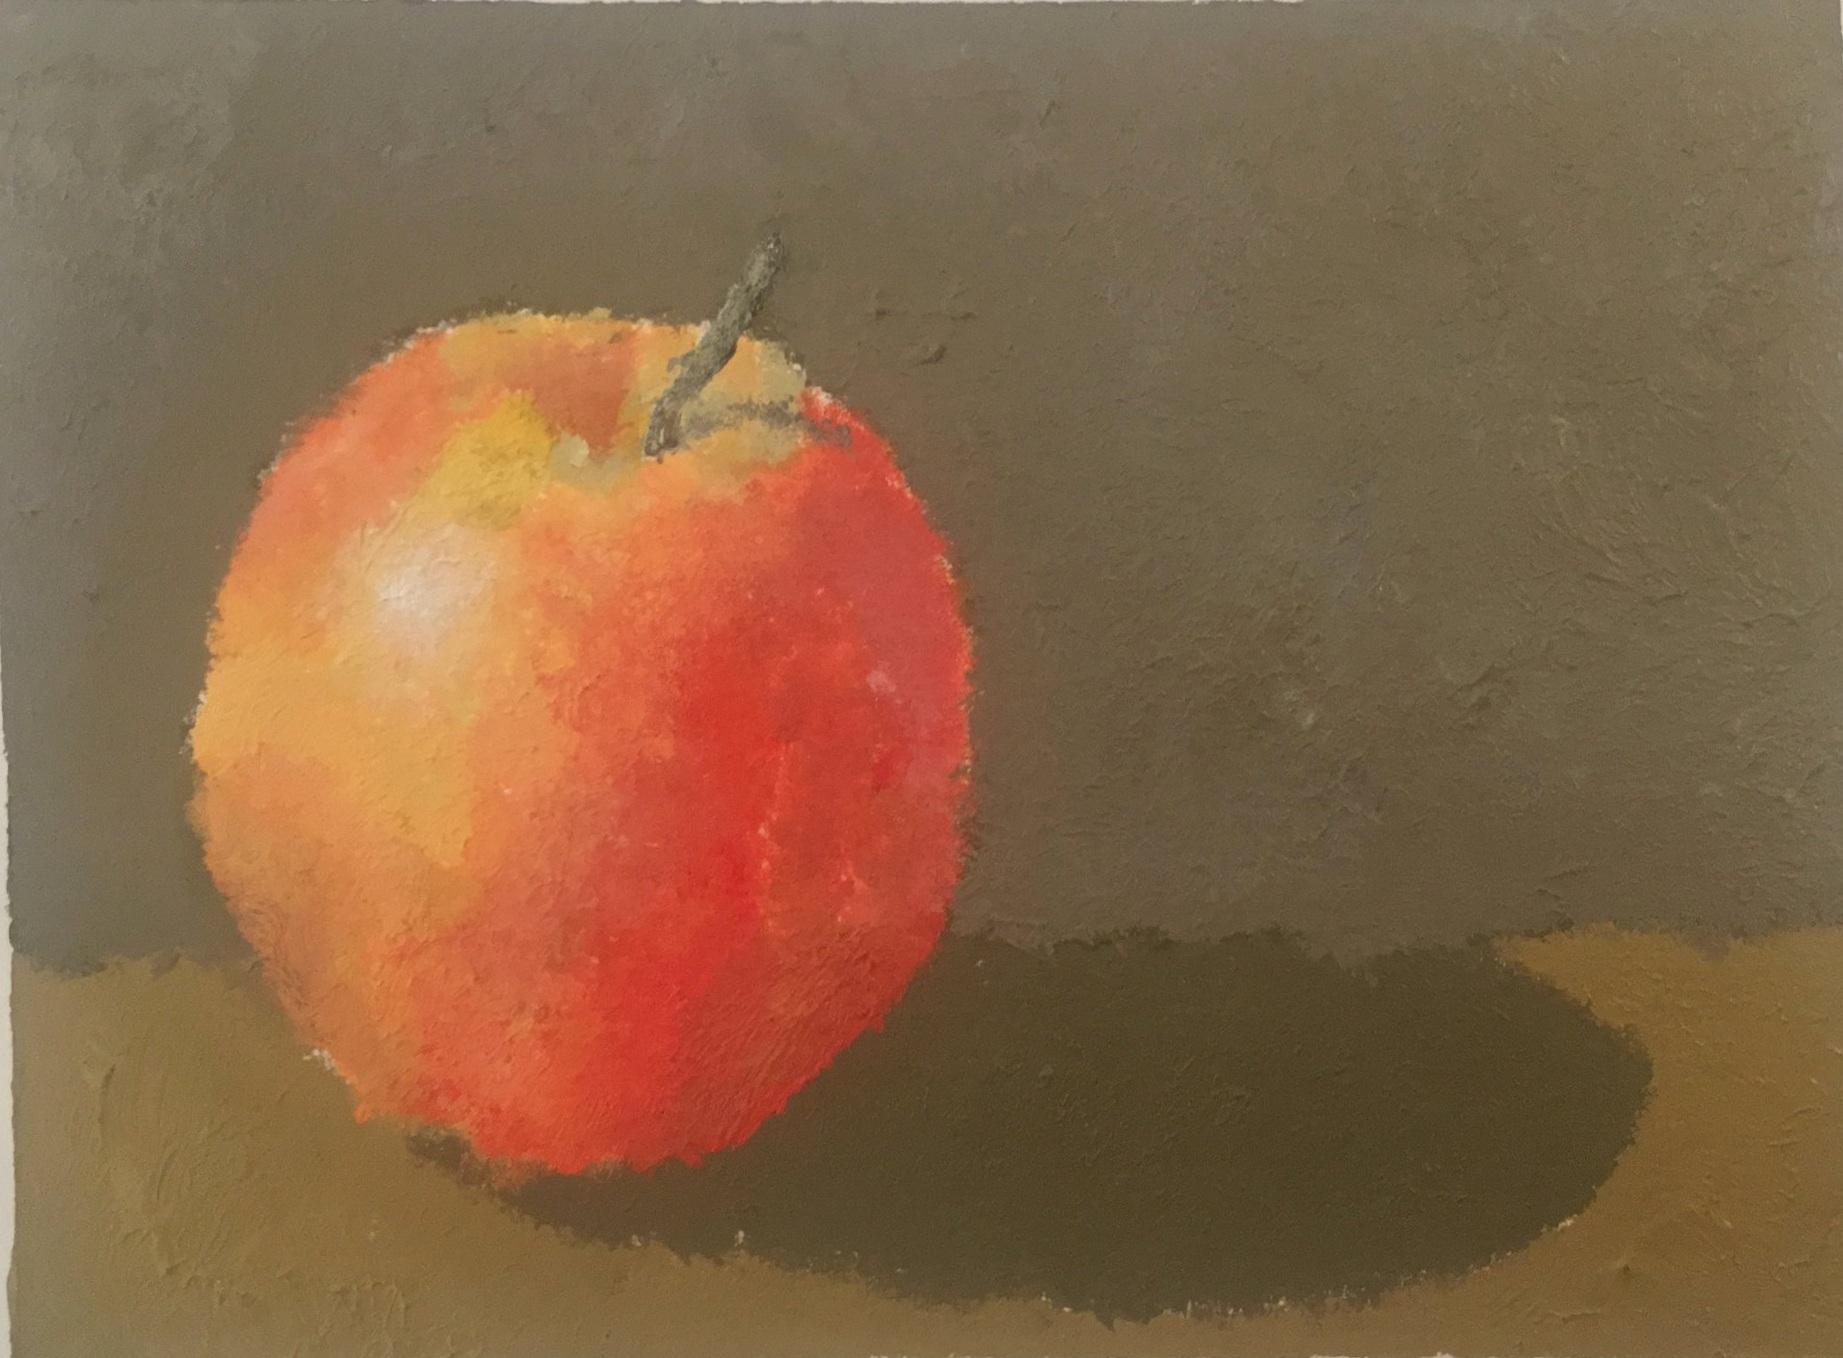 Apple  - acrylic - 2011 - philadelphia